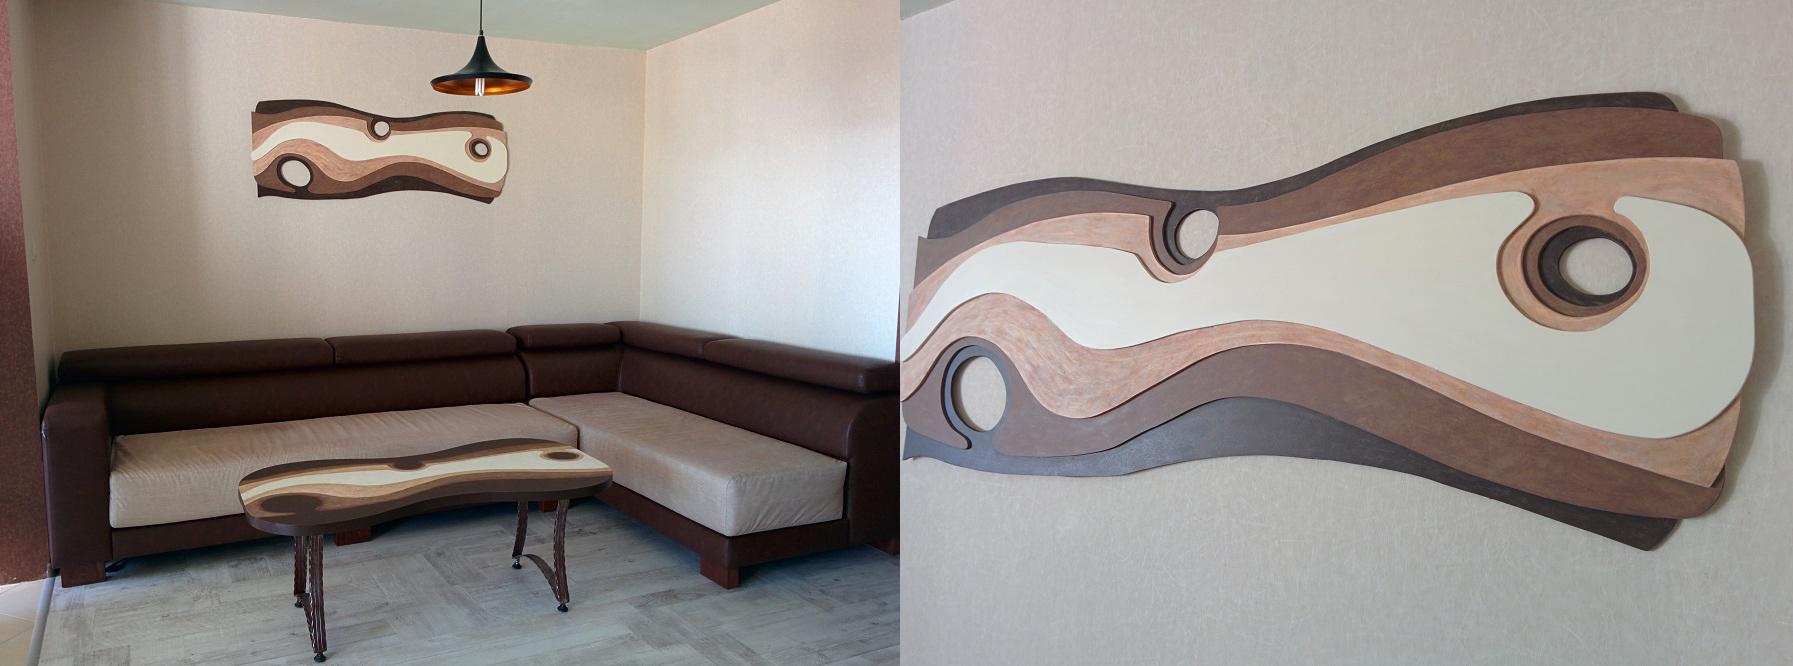 Проектиране и изработка на мебели, арт мебели и аксесоари за интериора на дневна